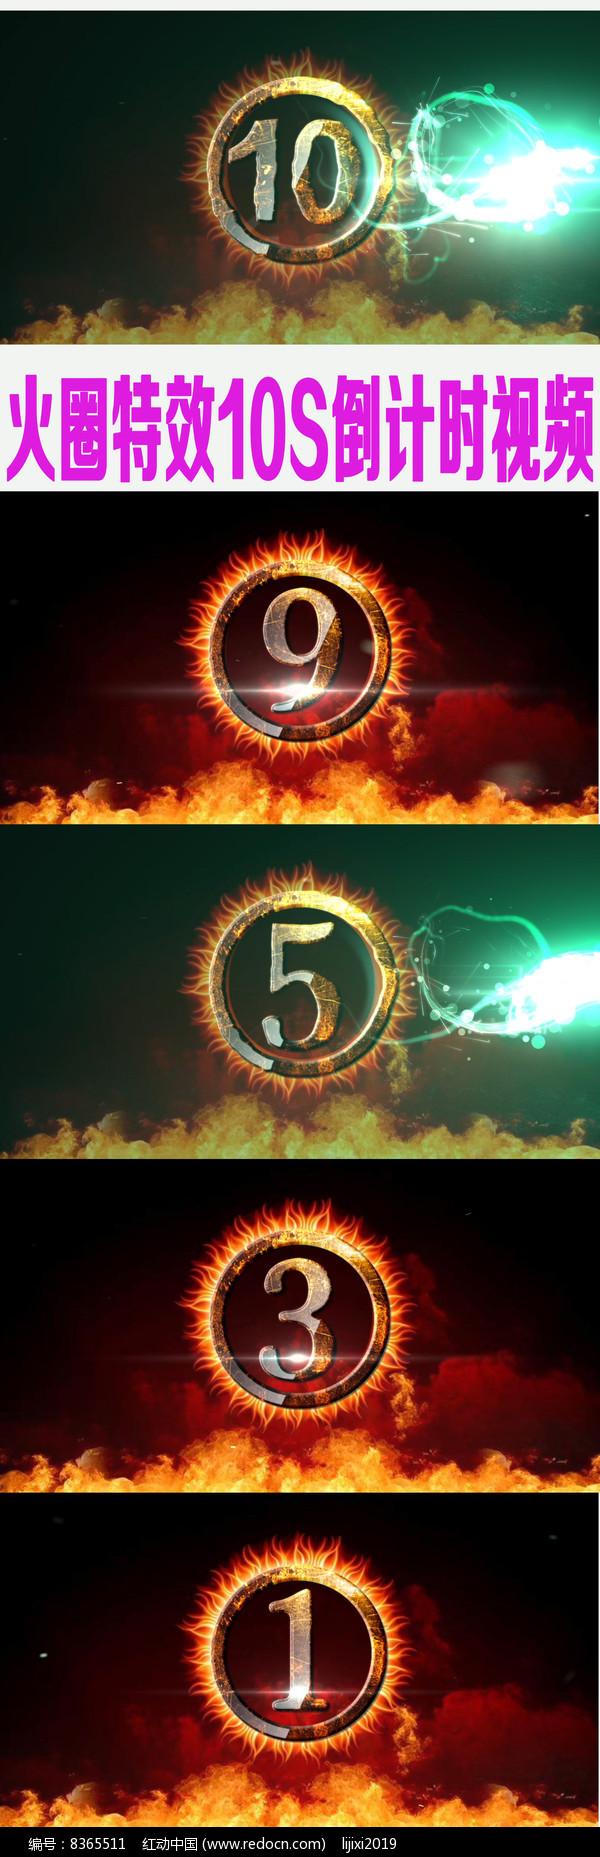 火圈特效10S倒计时视频图片